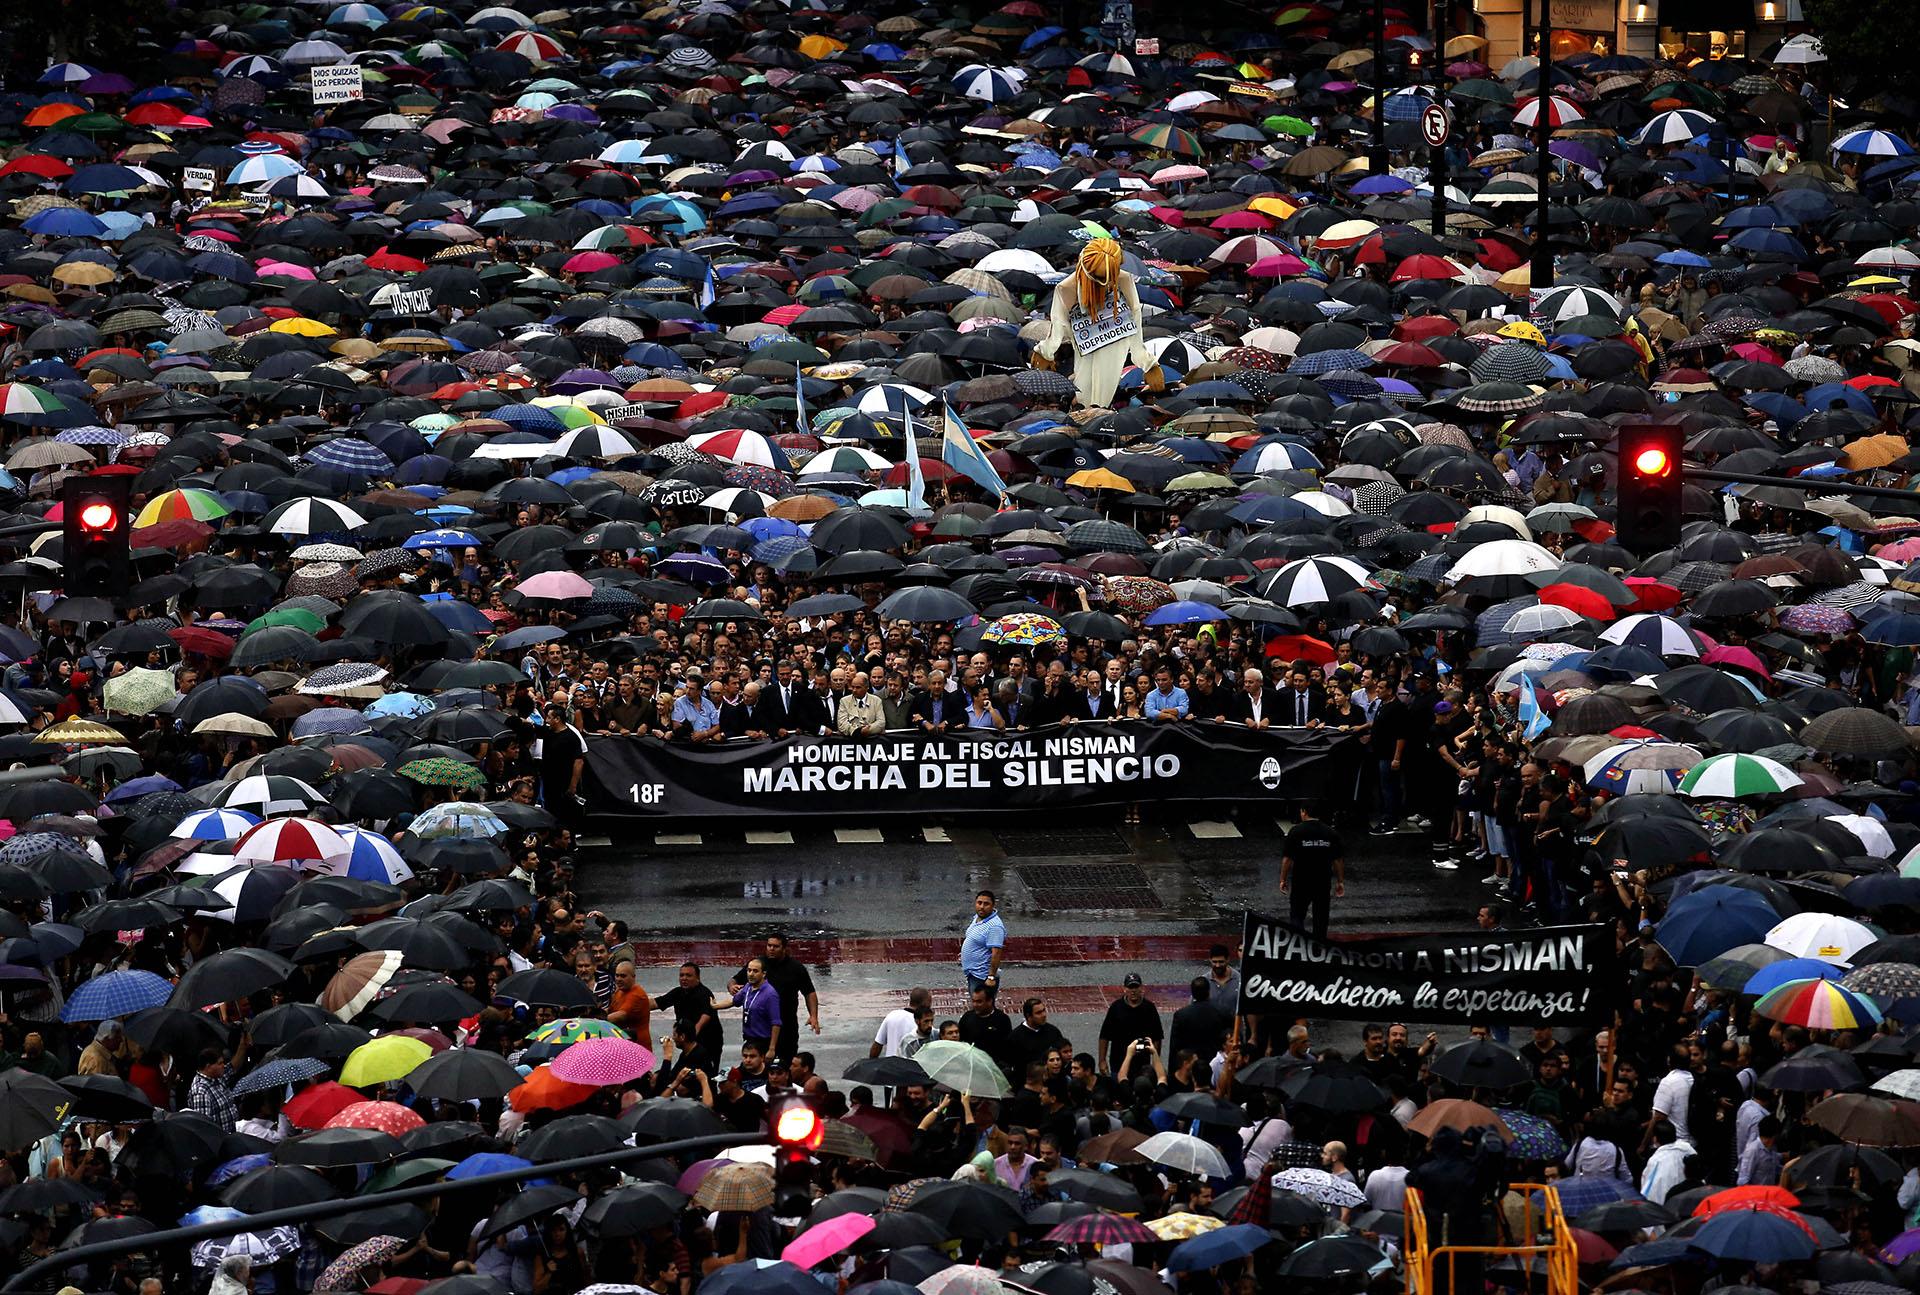 A dos meses de la muerte del fiscal Alberto Nisman, miles de personas se movilizan para pedir el esclarecimiento de su muerte (Ricardo Pristupluk)